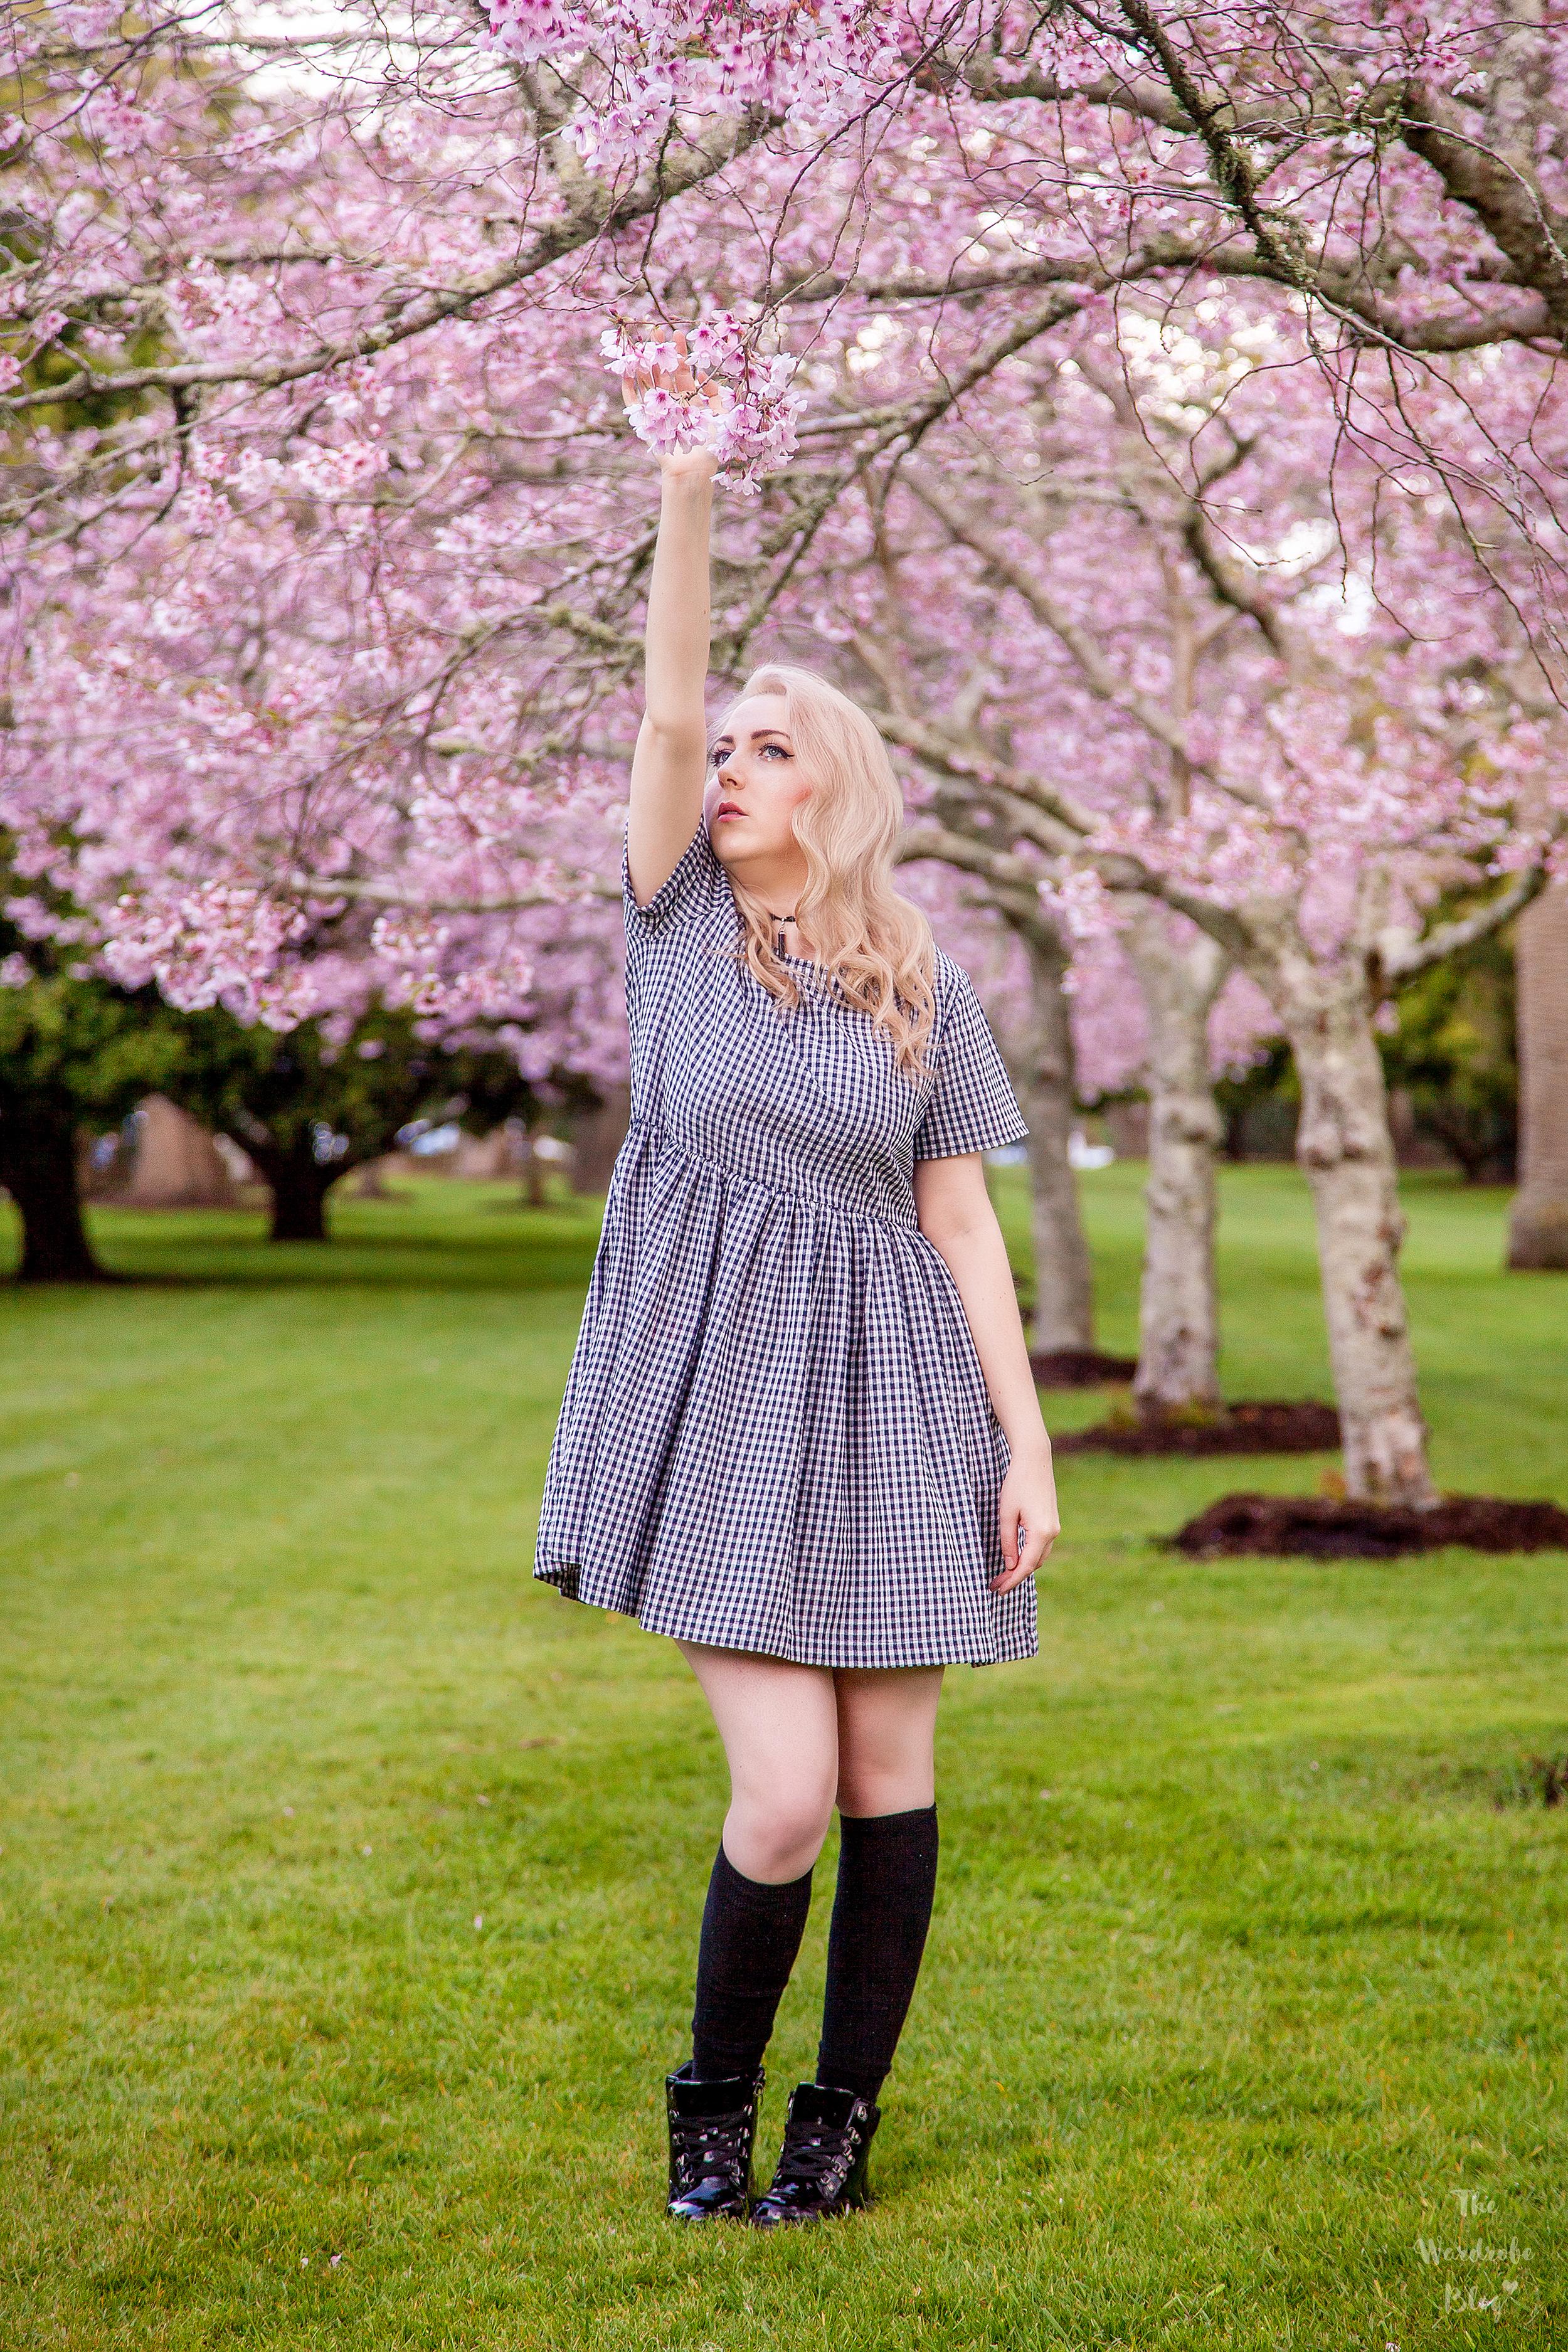 Spring-Flower-Huffer-Dress-Gingham-Blog